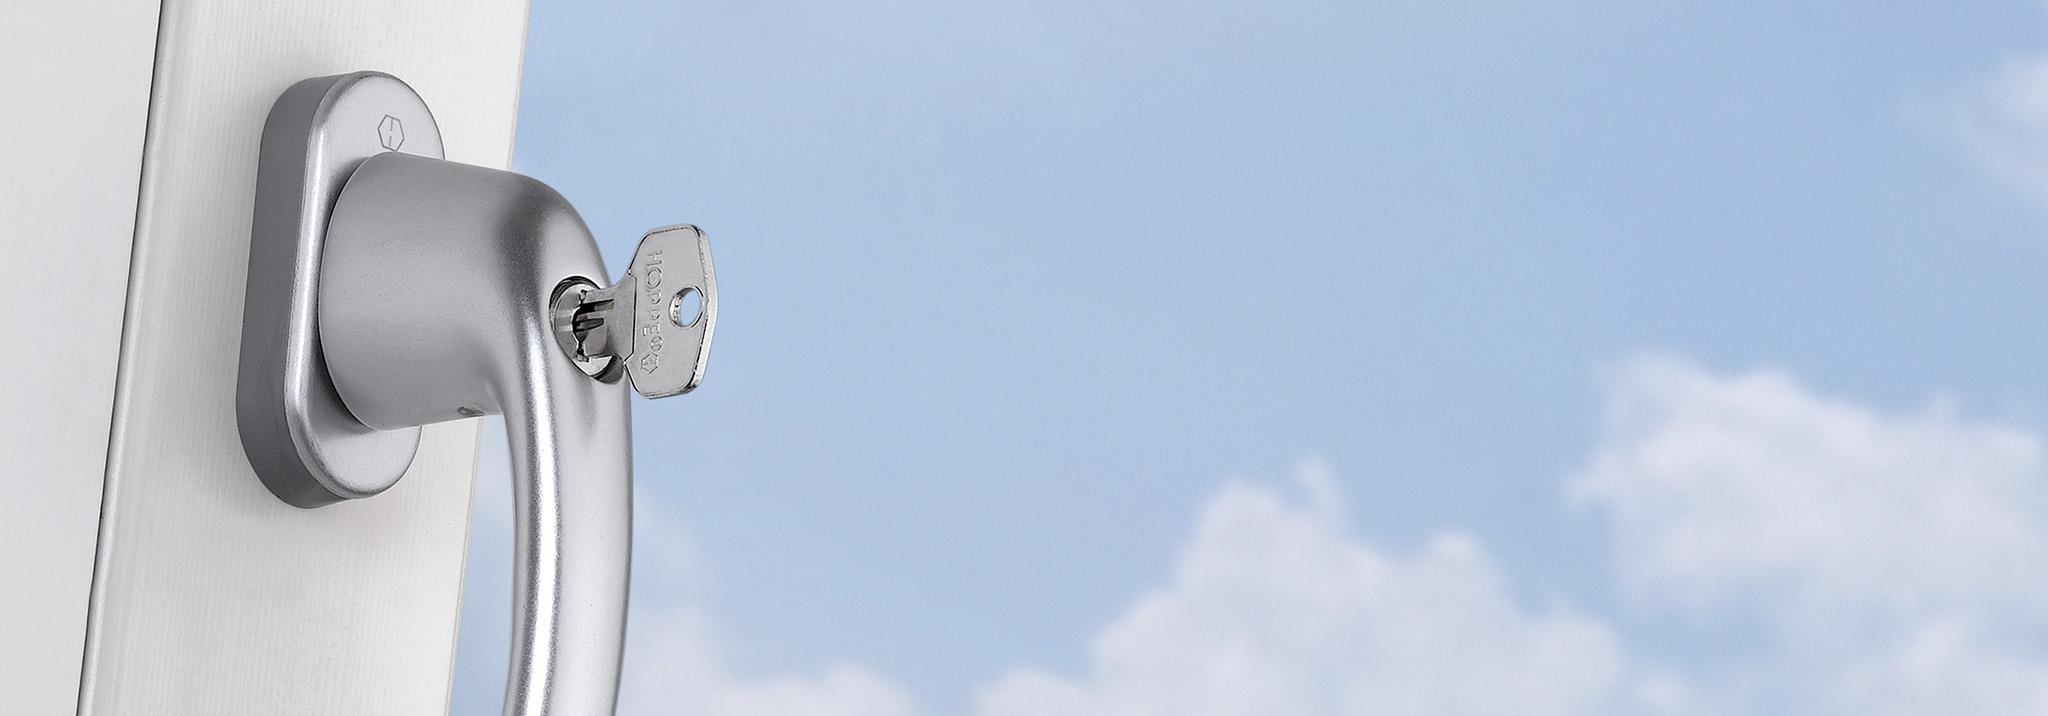 Martelline DK con Secu100® e Secu200®: pratiche e sicure